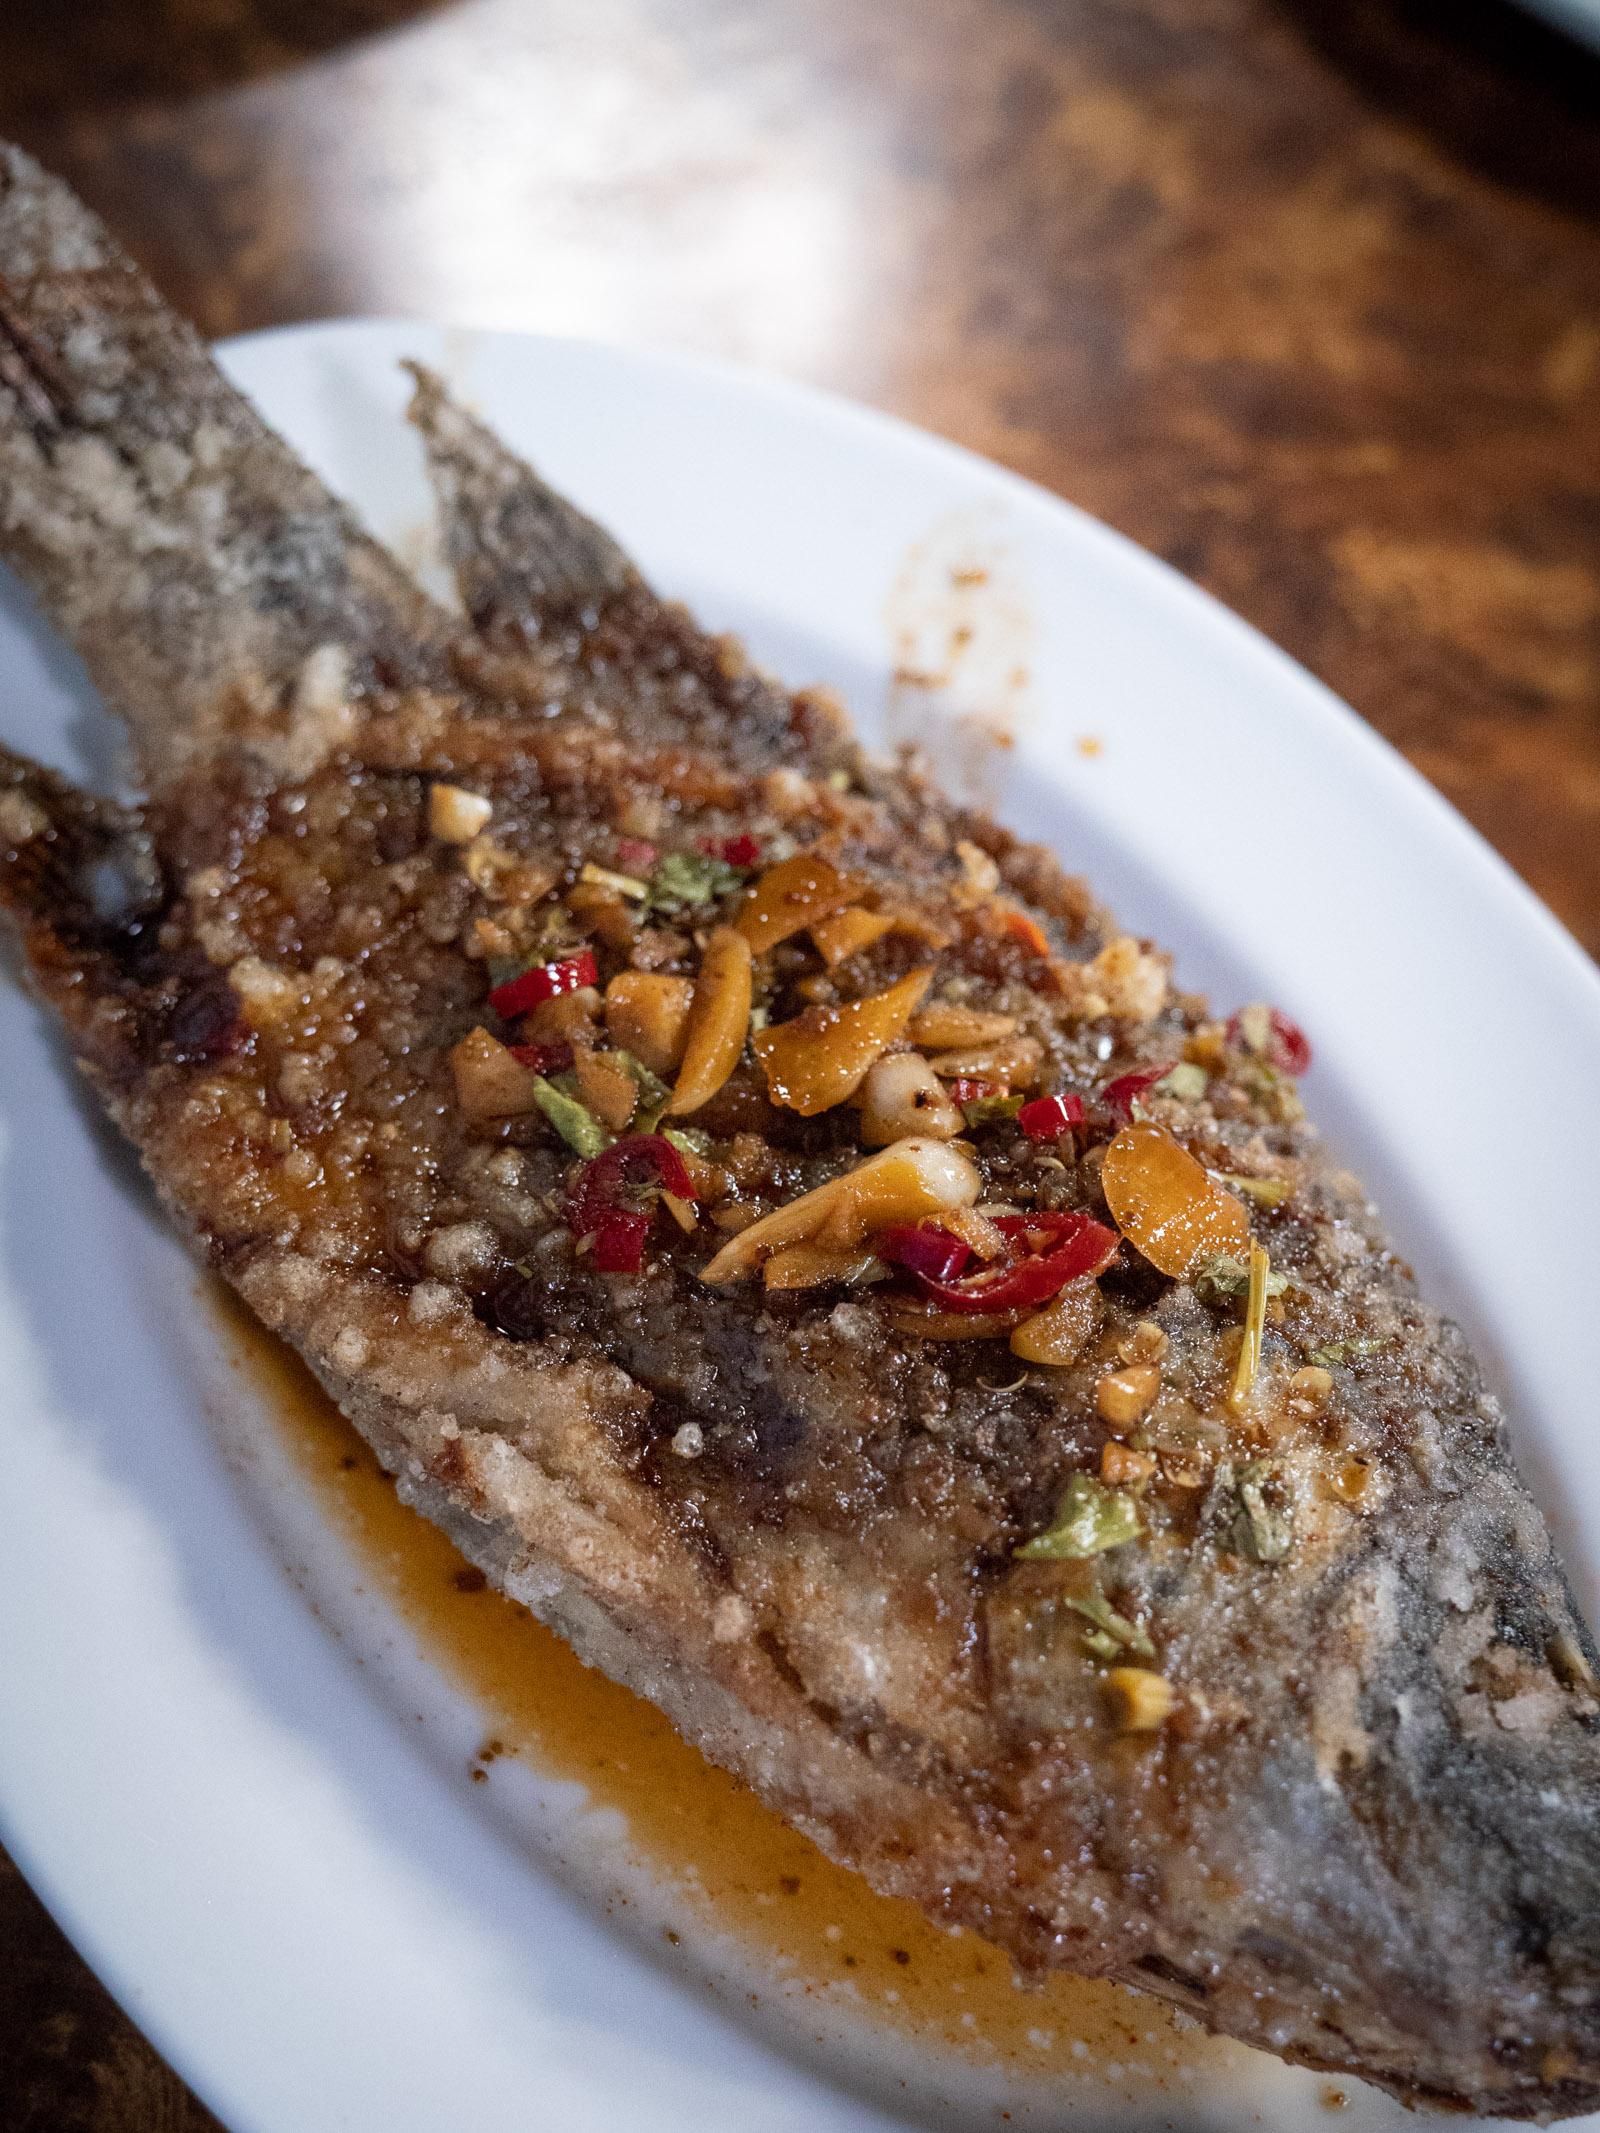 69小館の「美味鮮魚」85元。丸ごと揚げた魚に甘辛いタレが美味